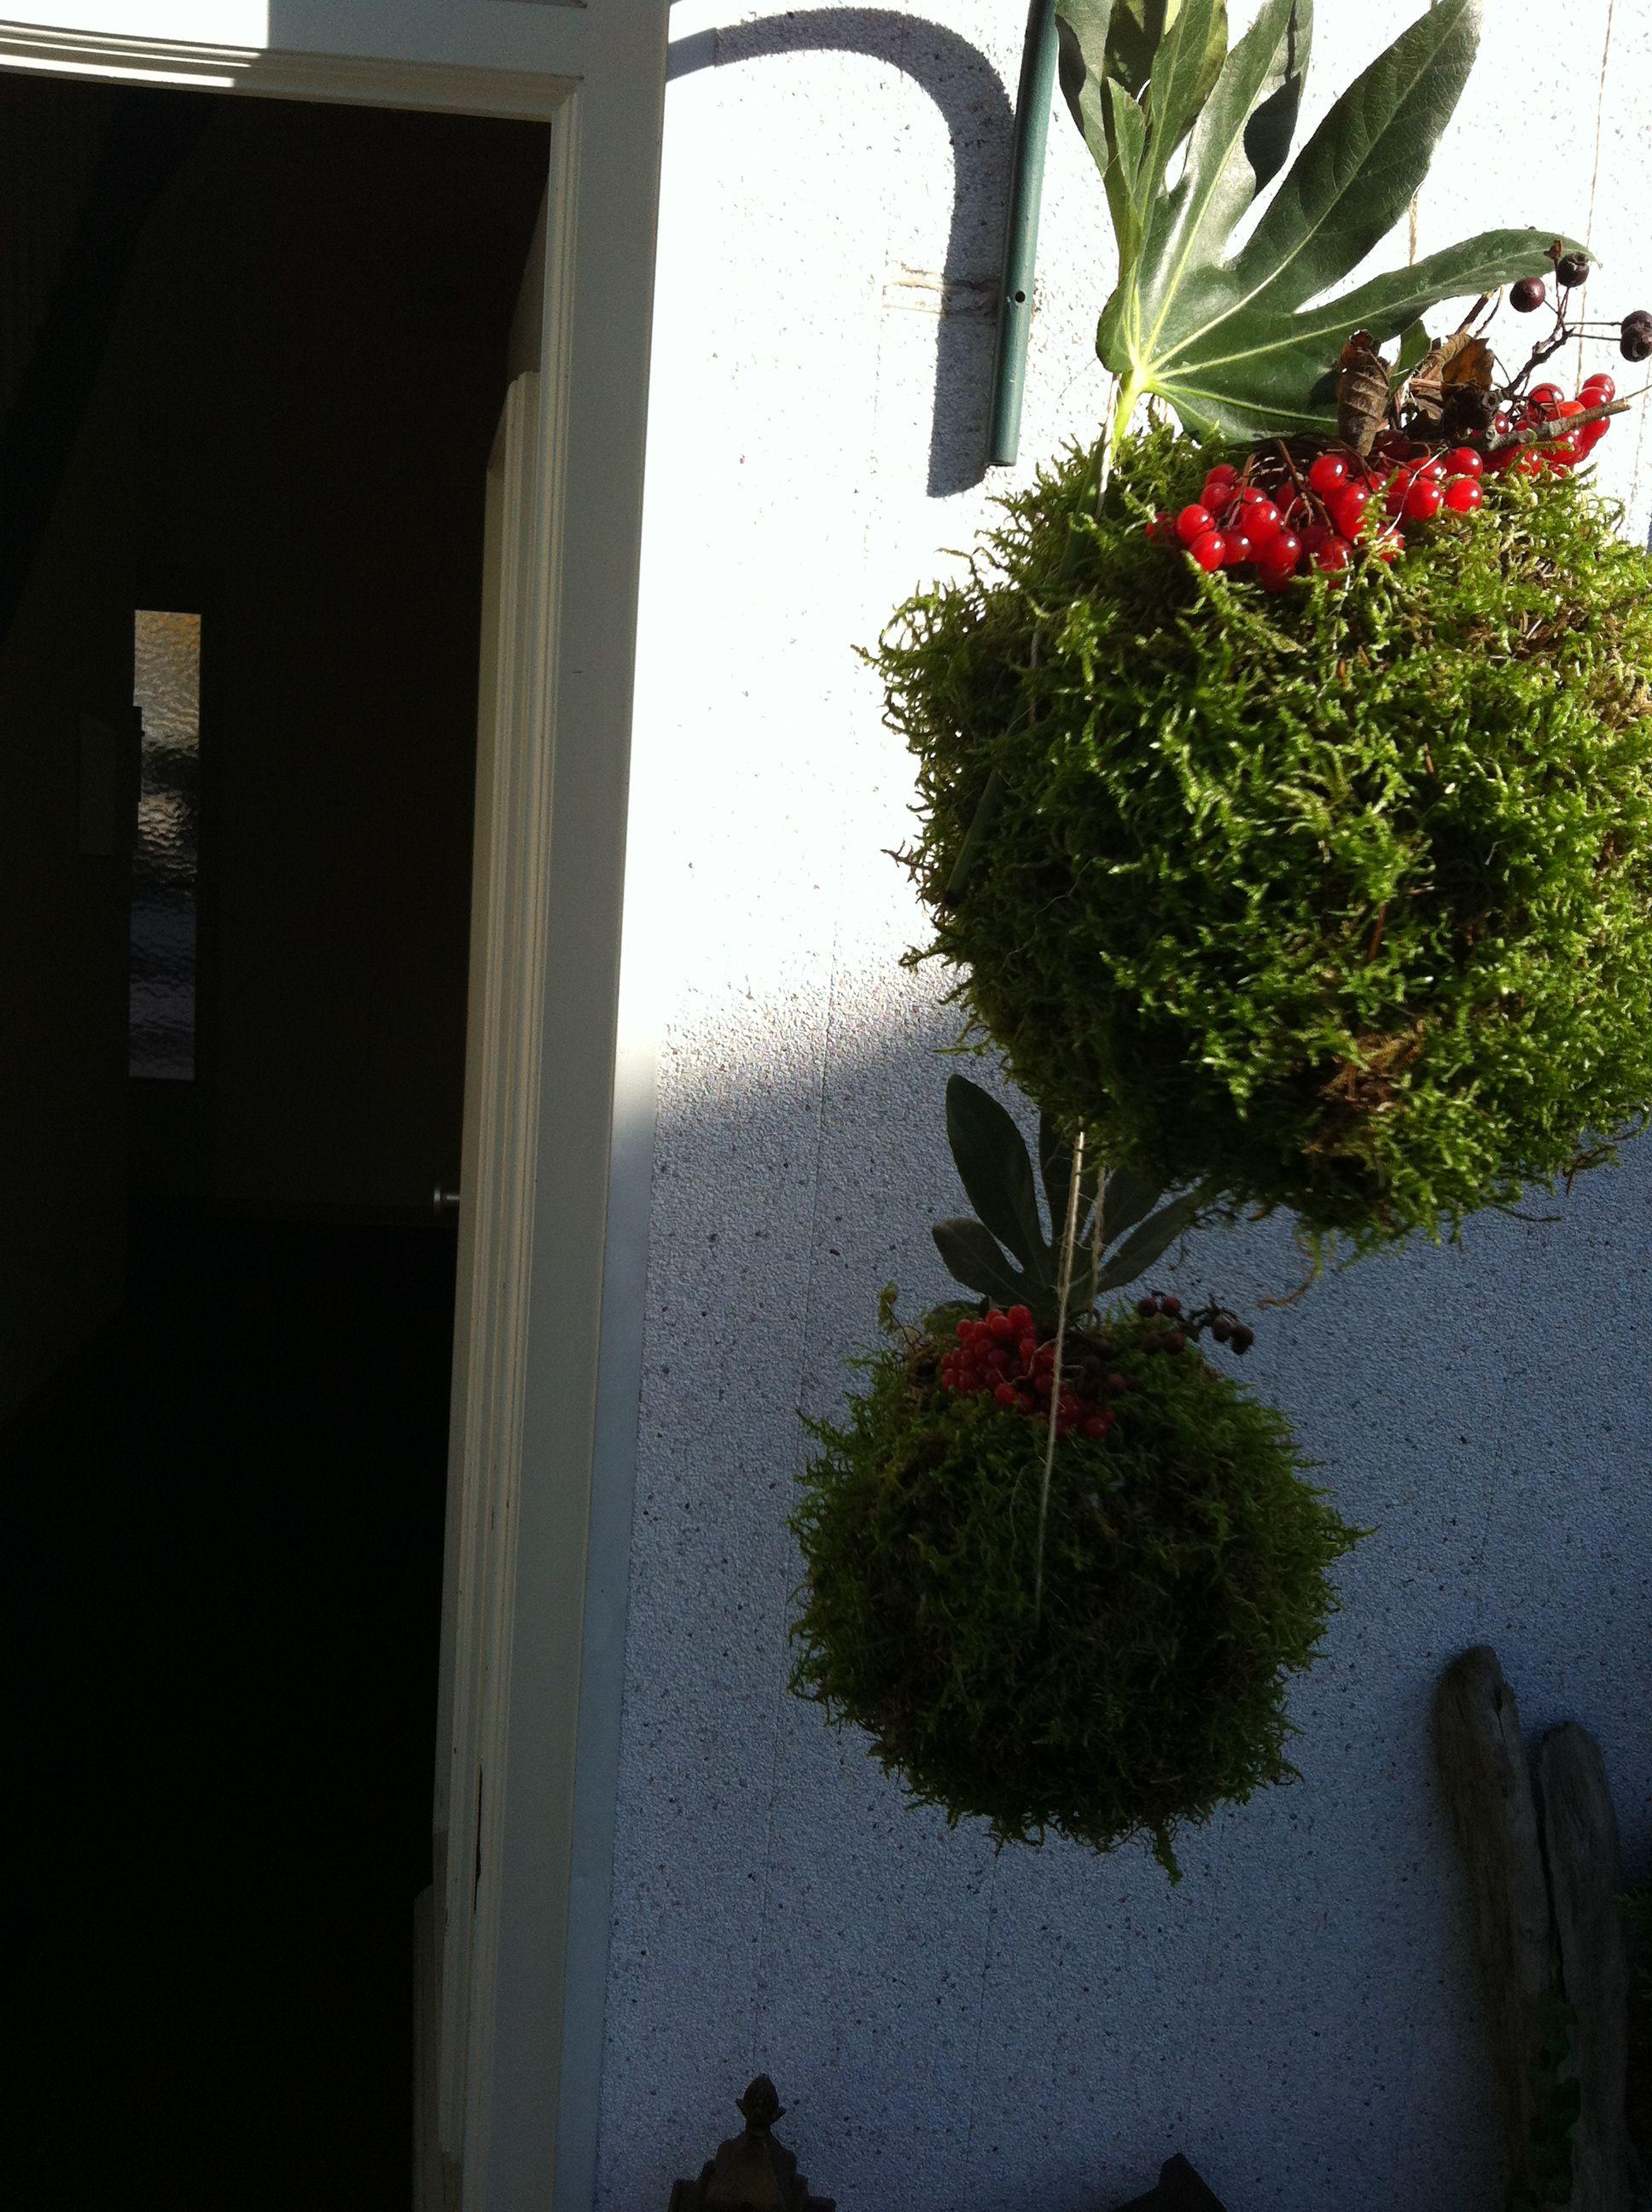 Good Kuhle Startseite Dekoration Deavita Gartendeko #11: Gartendeko Mooskugeln Zum Aufhängen